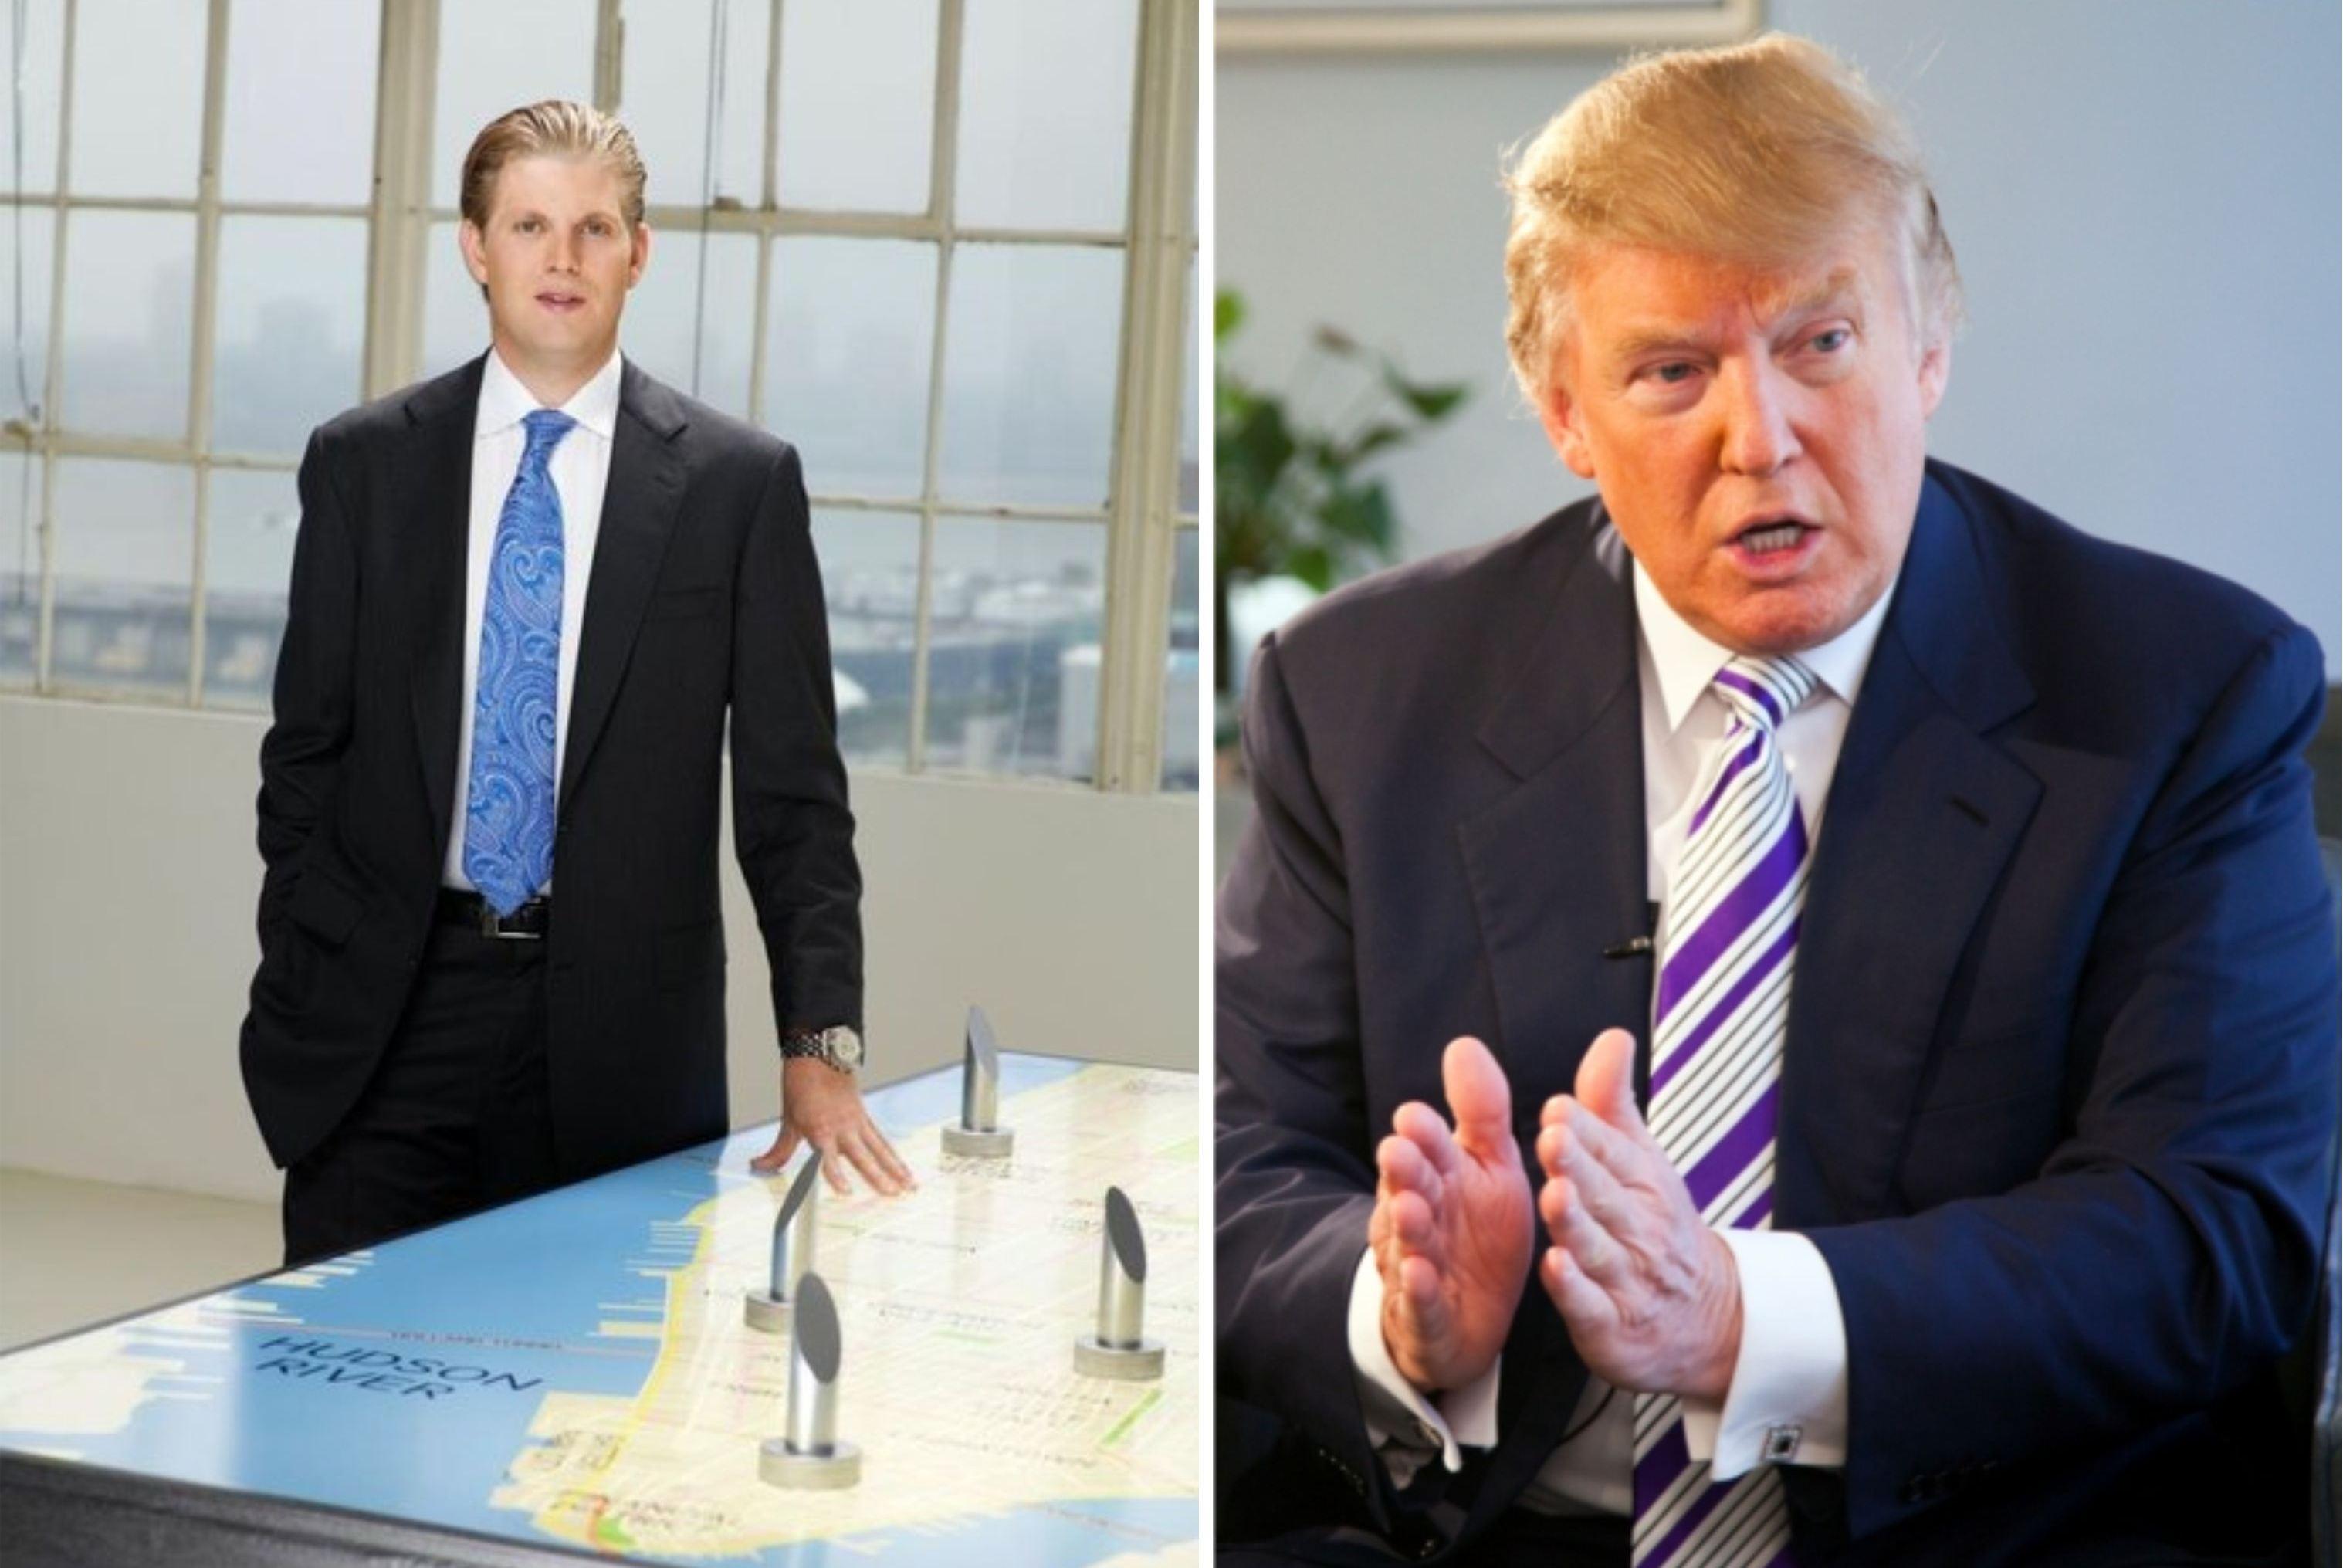 Сын Эрик пошел по стопам отца, строительного магната Дональда Трампа